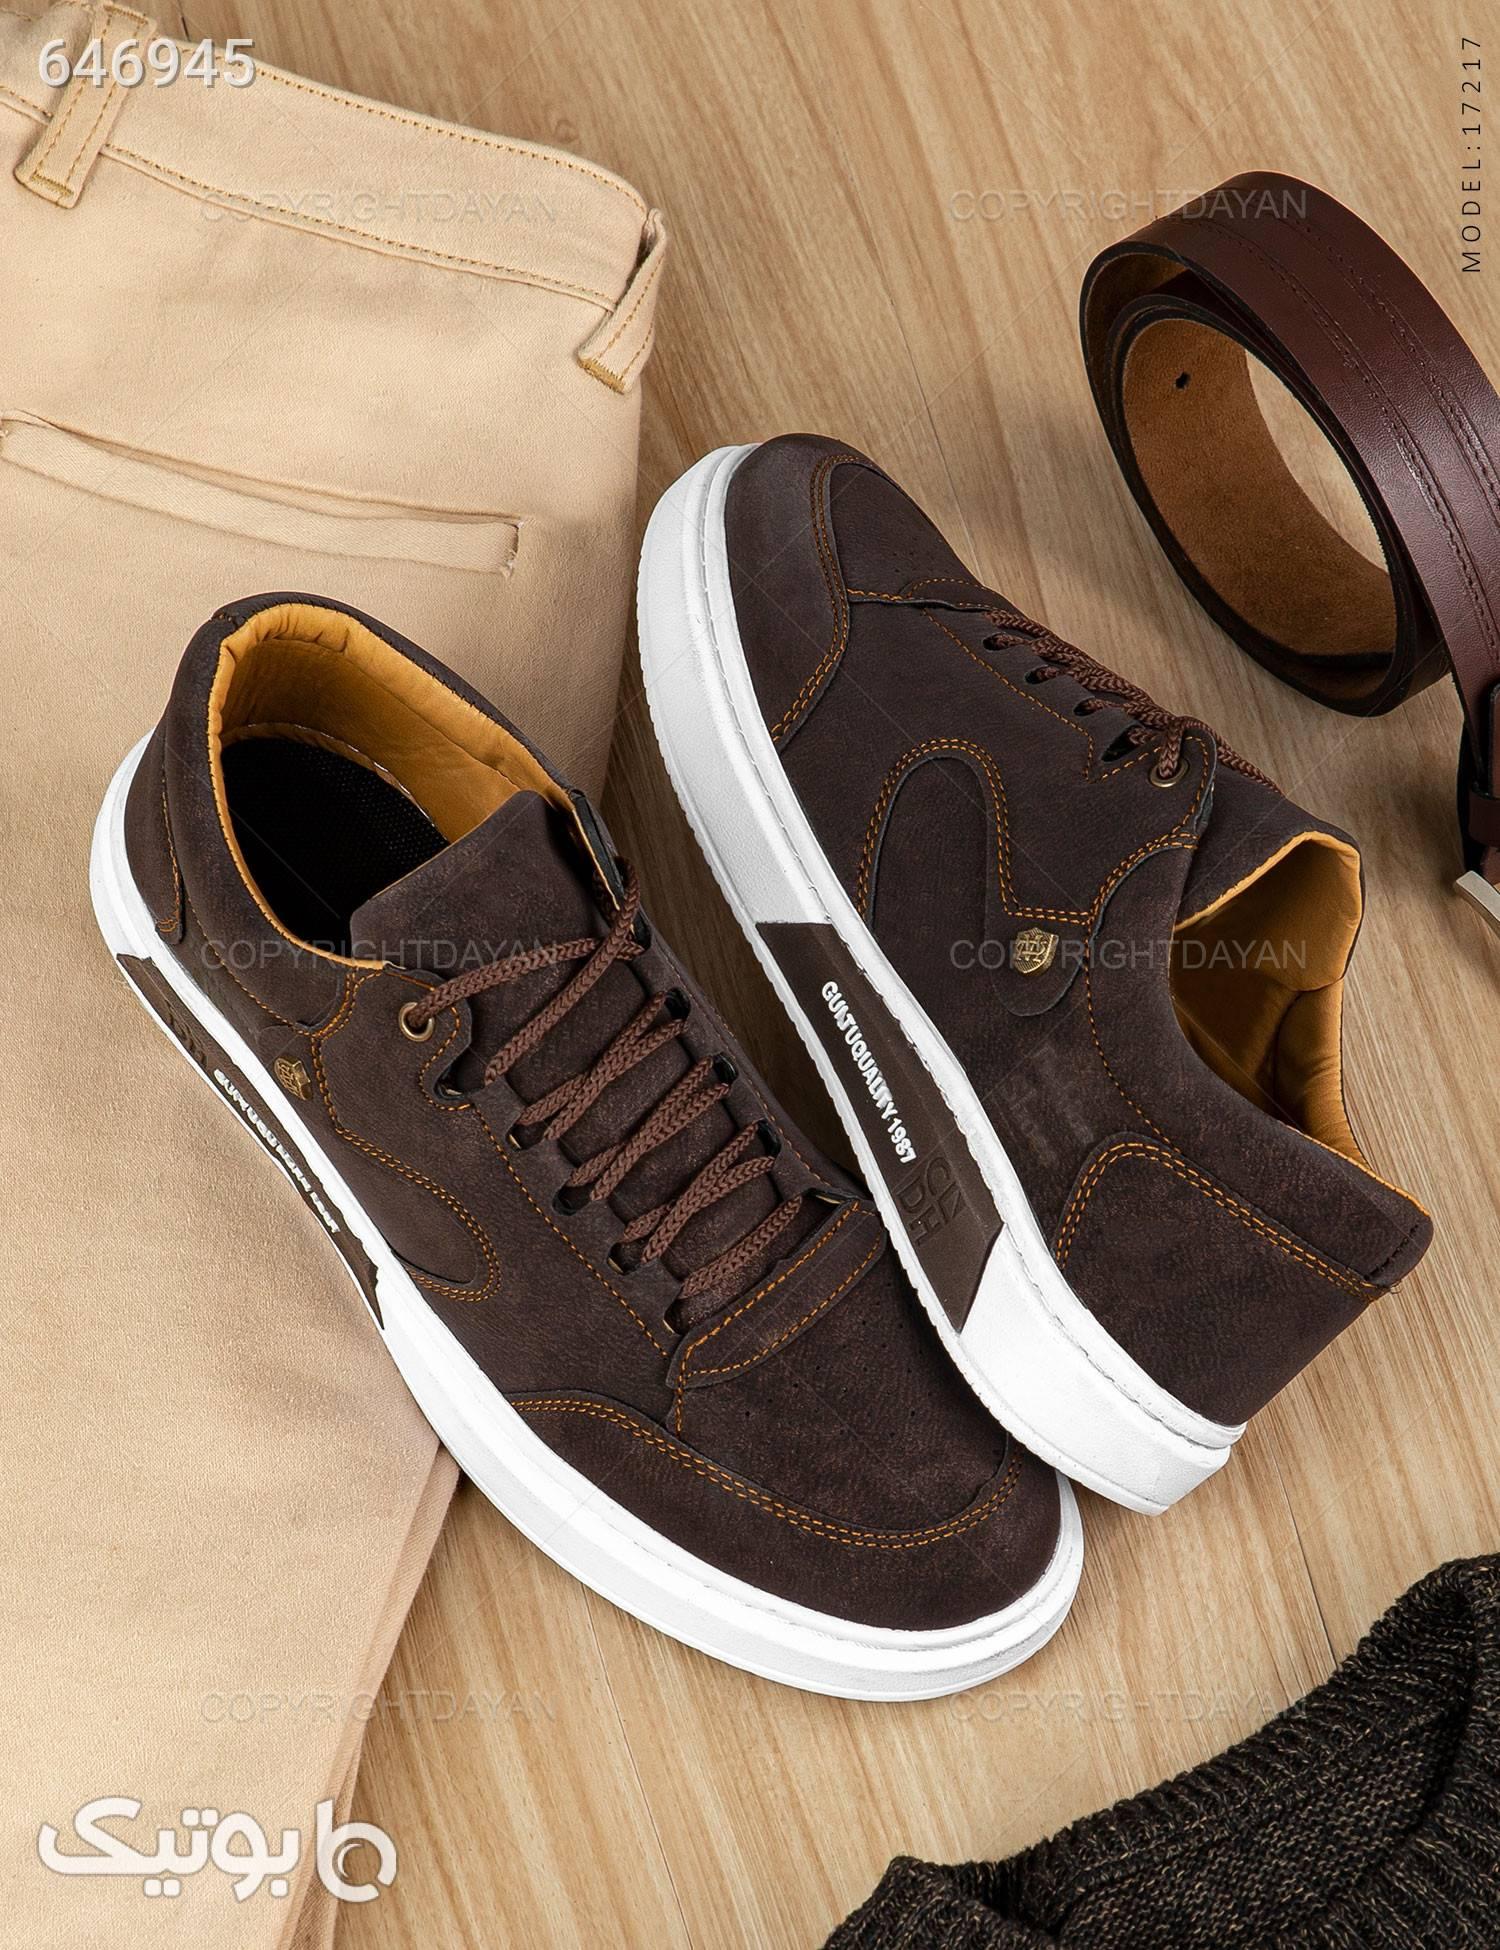 کفش مردانه مدل C7217 قهوه ای كفش مردانه